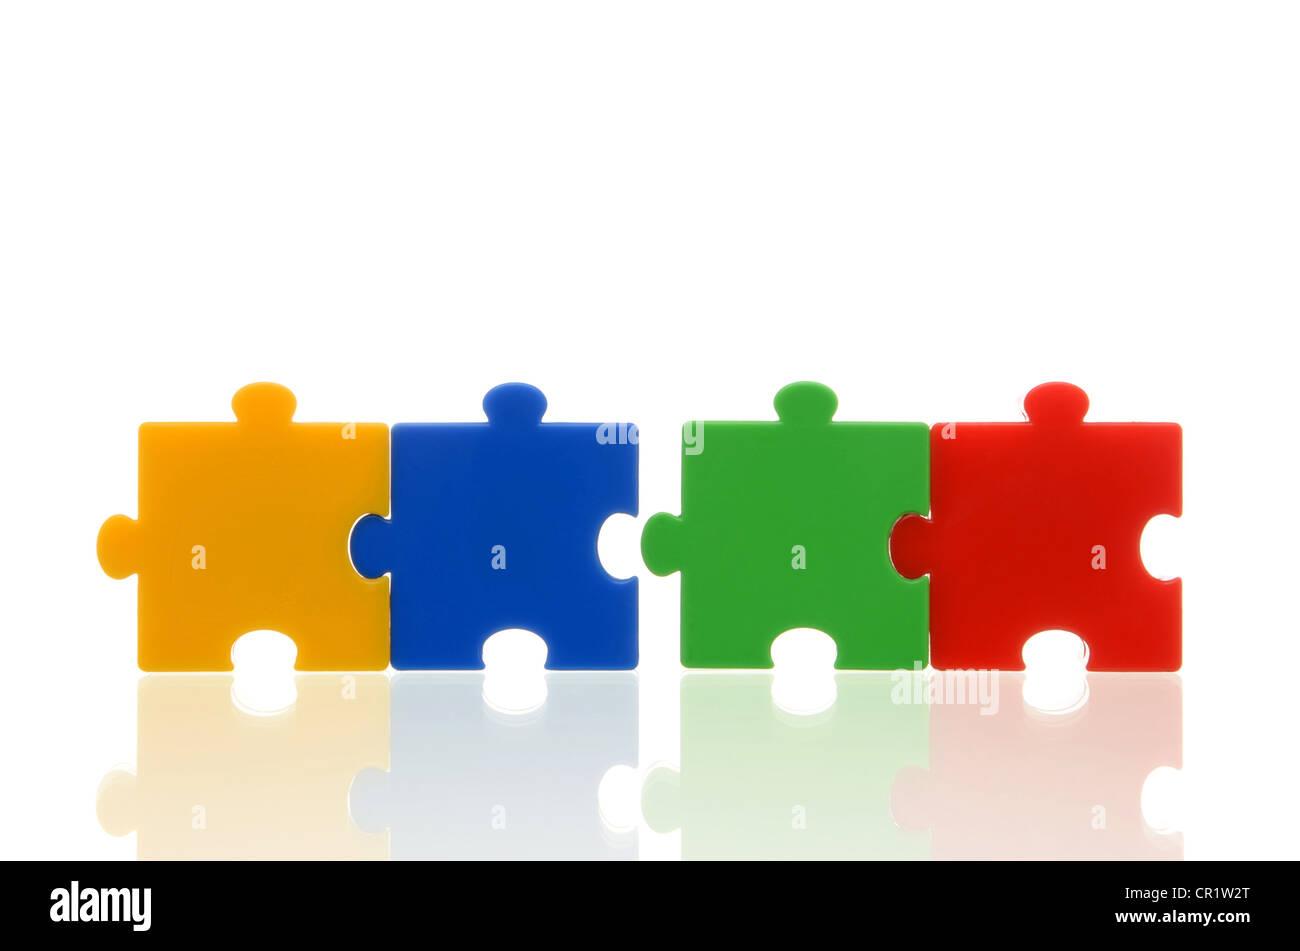 Pièces de puzzle de couleur différentes, deux paires de deux pièces du puzzle, l'image symbolique Photo Stock